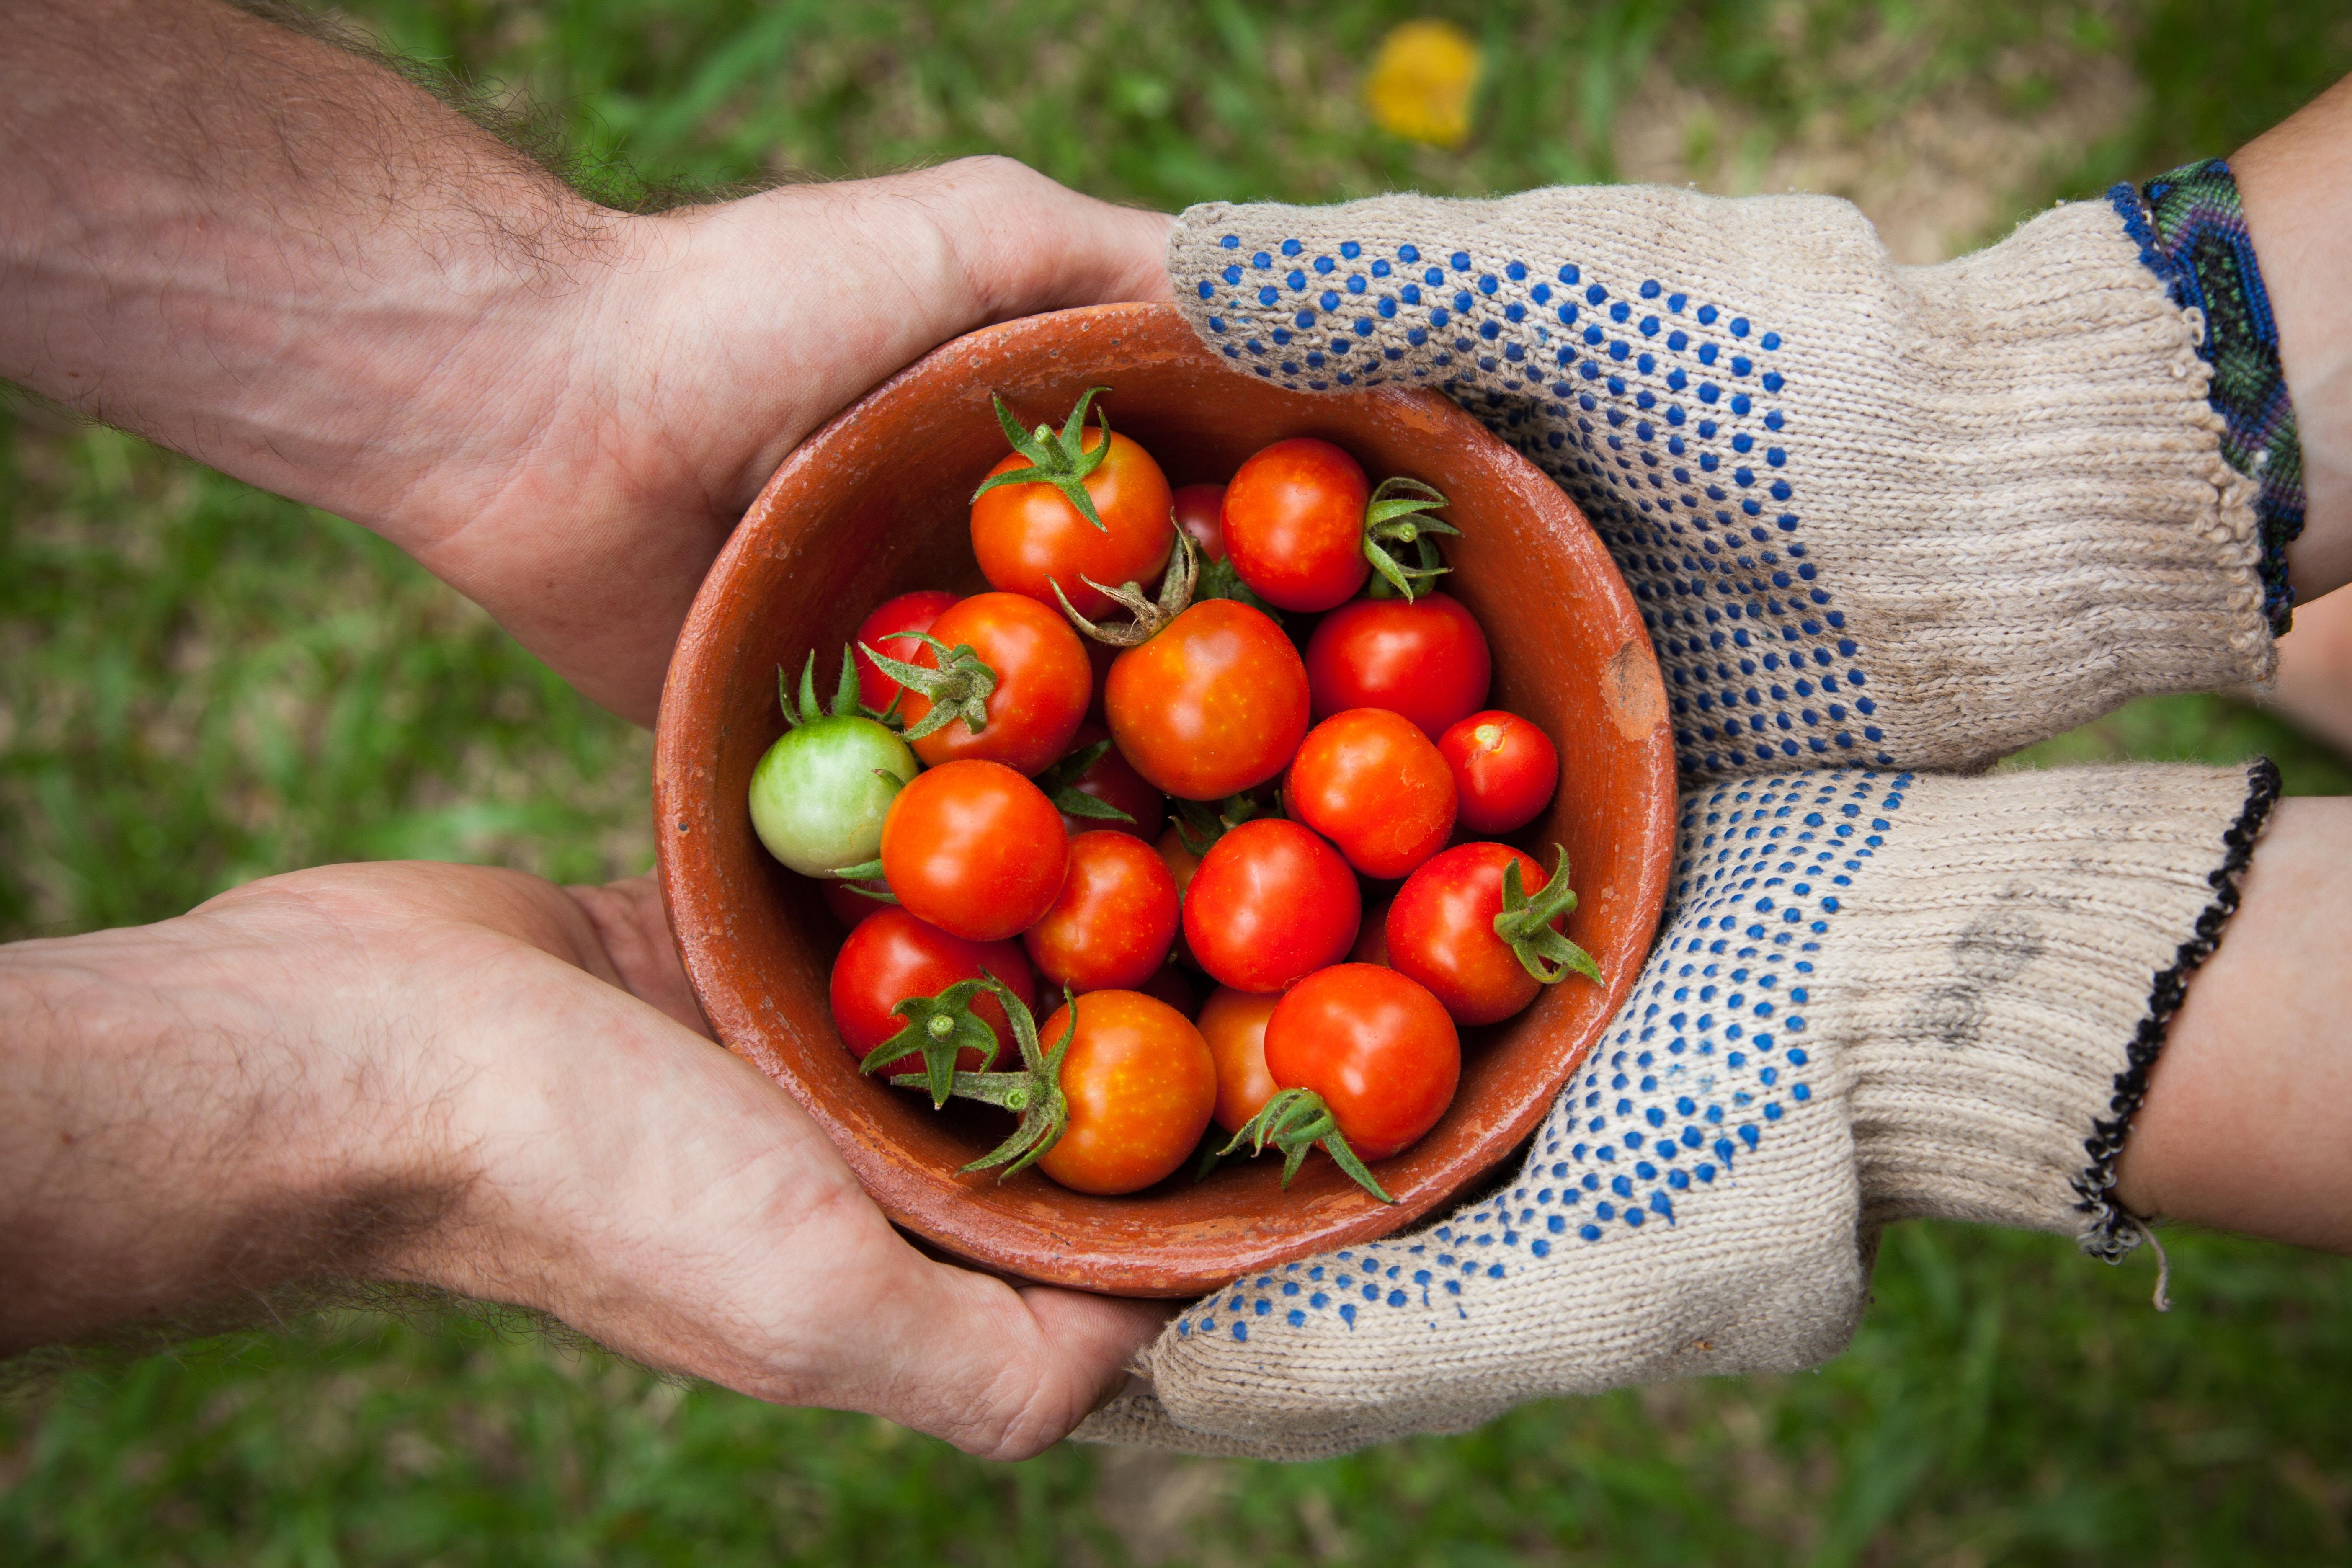 Savoir distinguer les différents logos et certifications se retrouvant sur nos aliments.